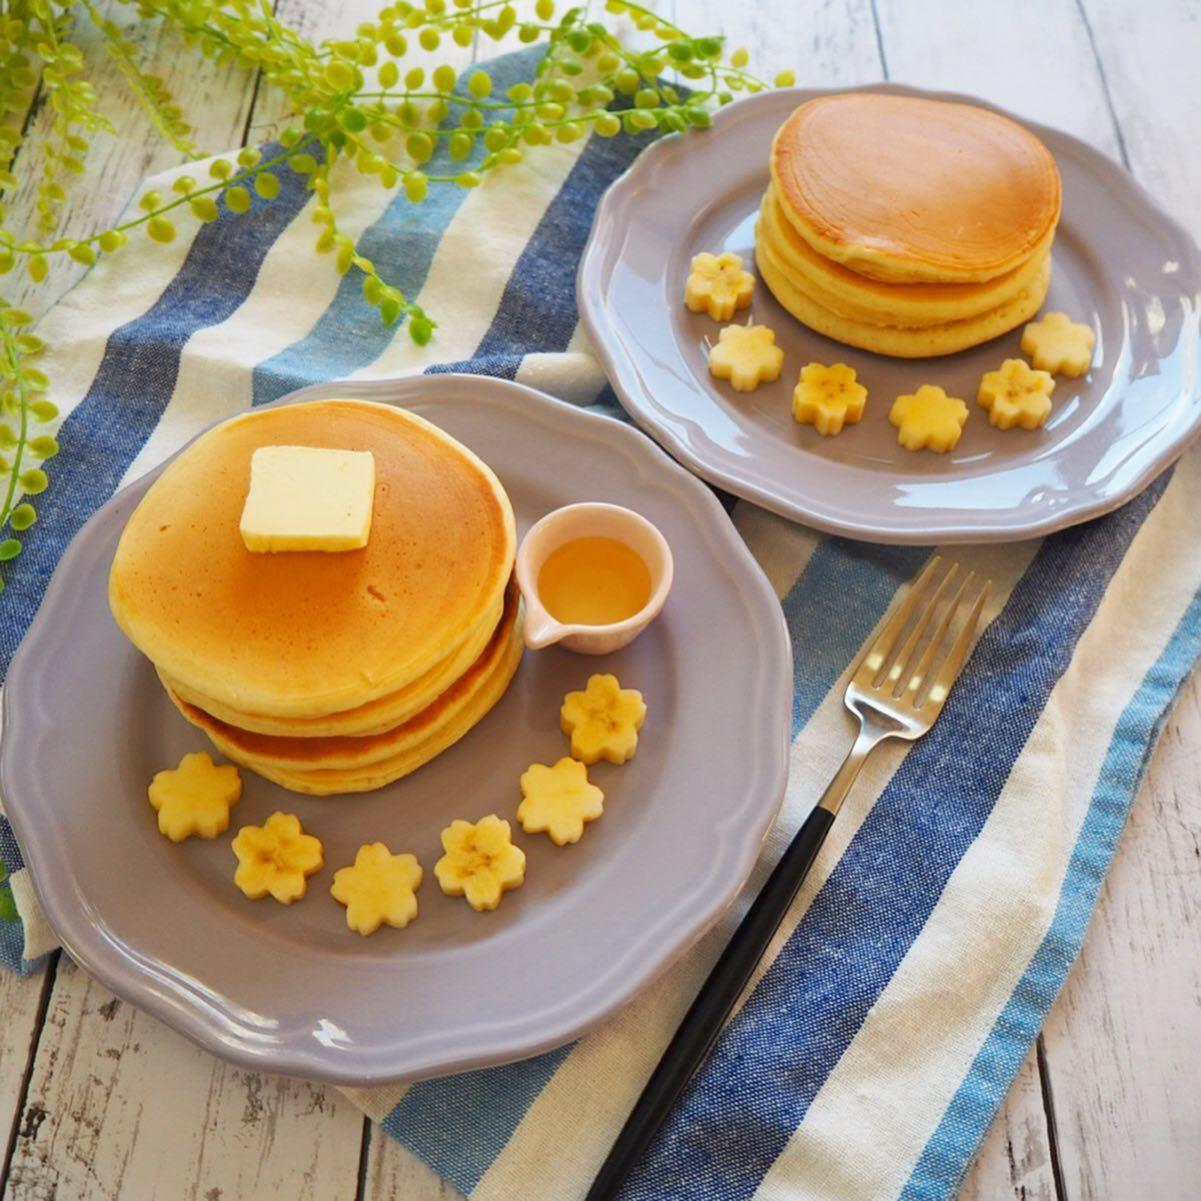 口コミ投稿:こんな時間ですが、いつかの息子と私の朝ごはん🥞.ホットケーキって多めに焼いて冷凍…